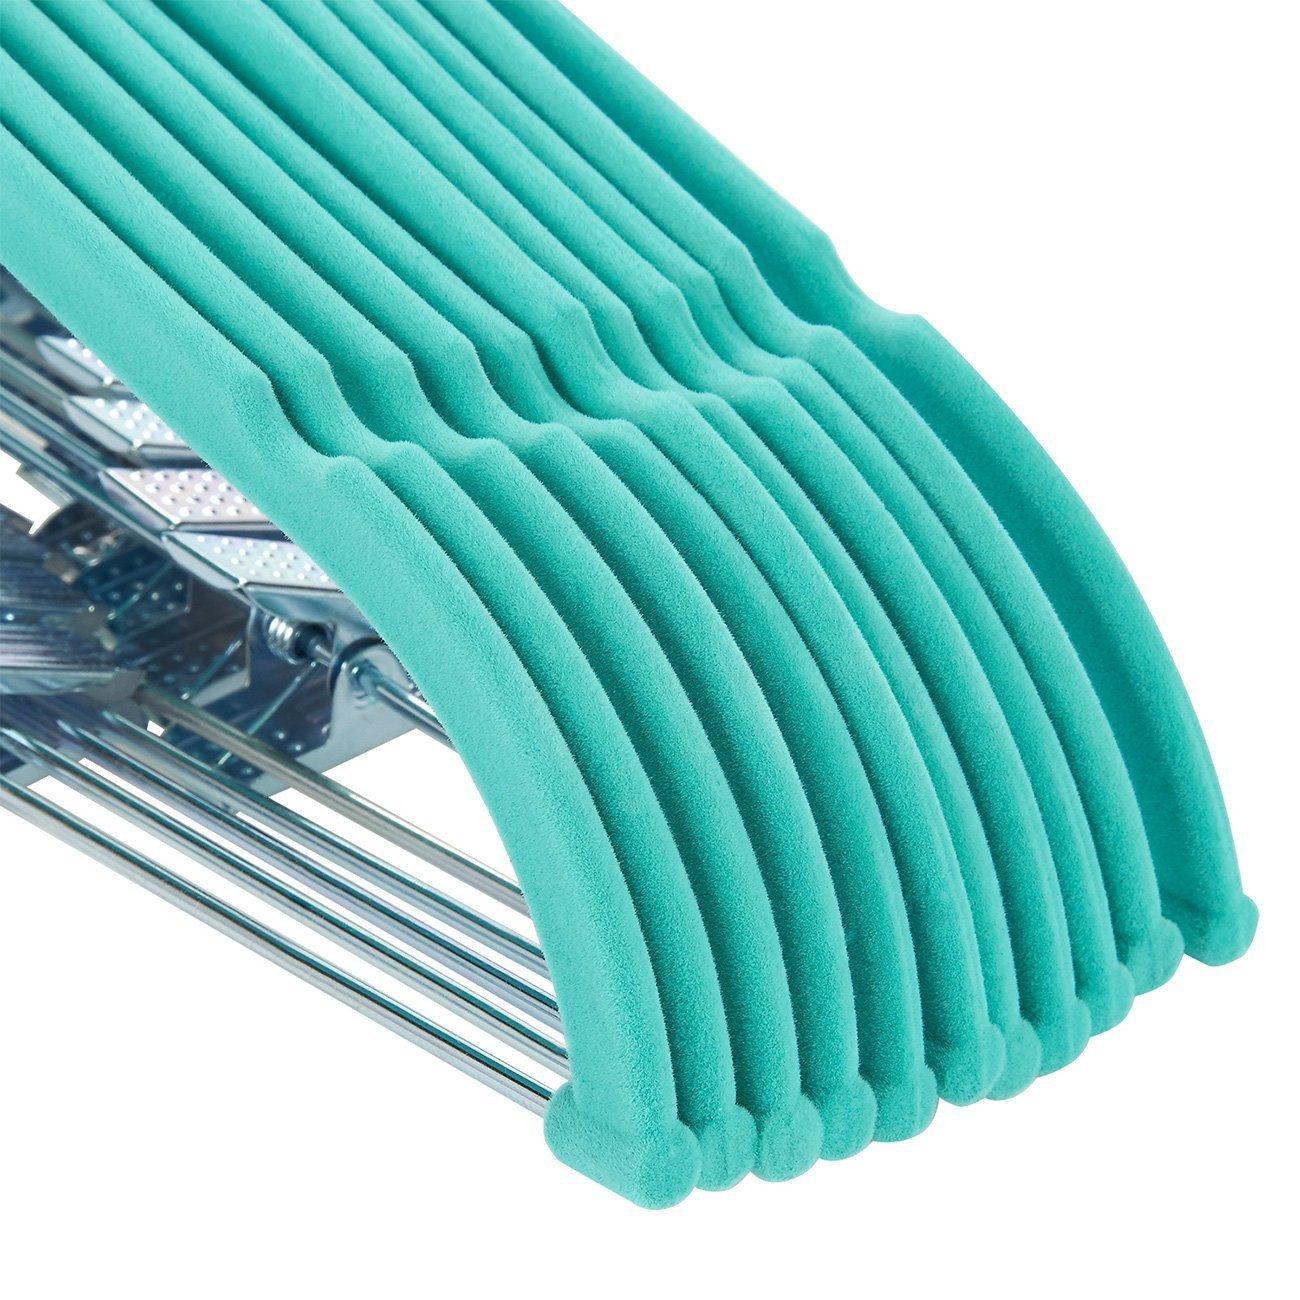 Juvale 24/Unidades de Terciopelo Ropa Perchas con Pinzas Azul Ultra Thin No Slip 17.5/x 0.2 x 9.5/